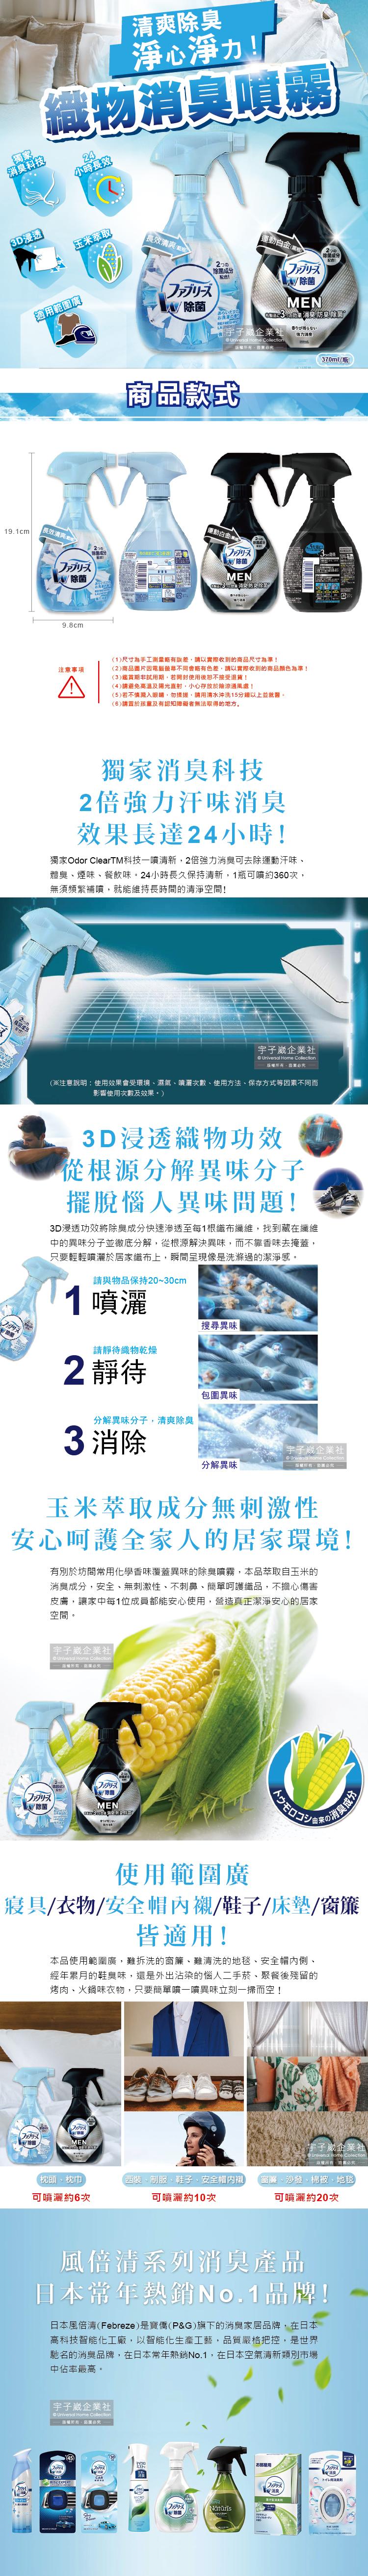 (清潔-除臭)日本Febreze-風倍清-織物消臭噴霧370ml瓶裝介紹圖